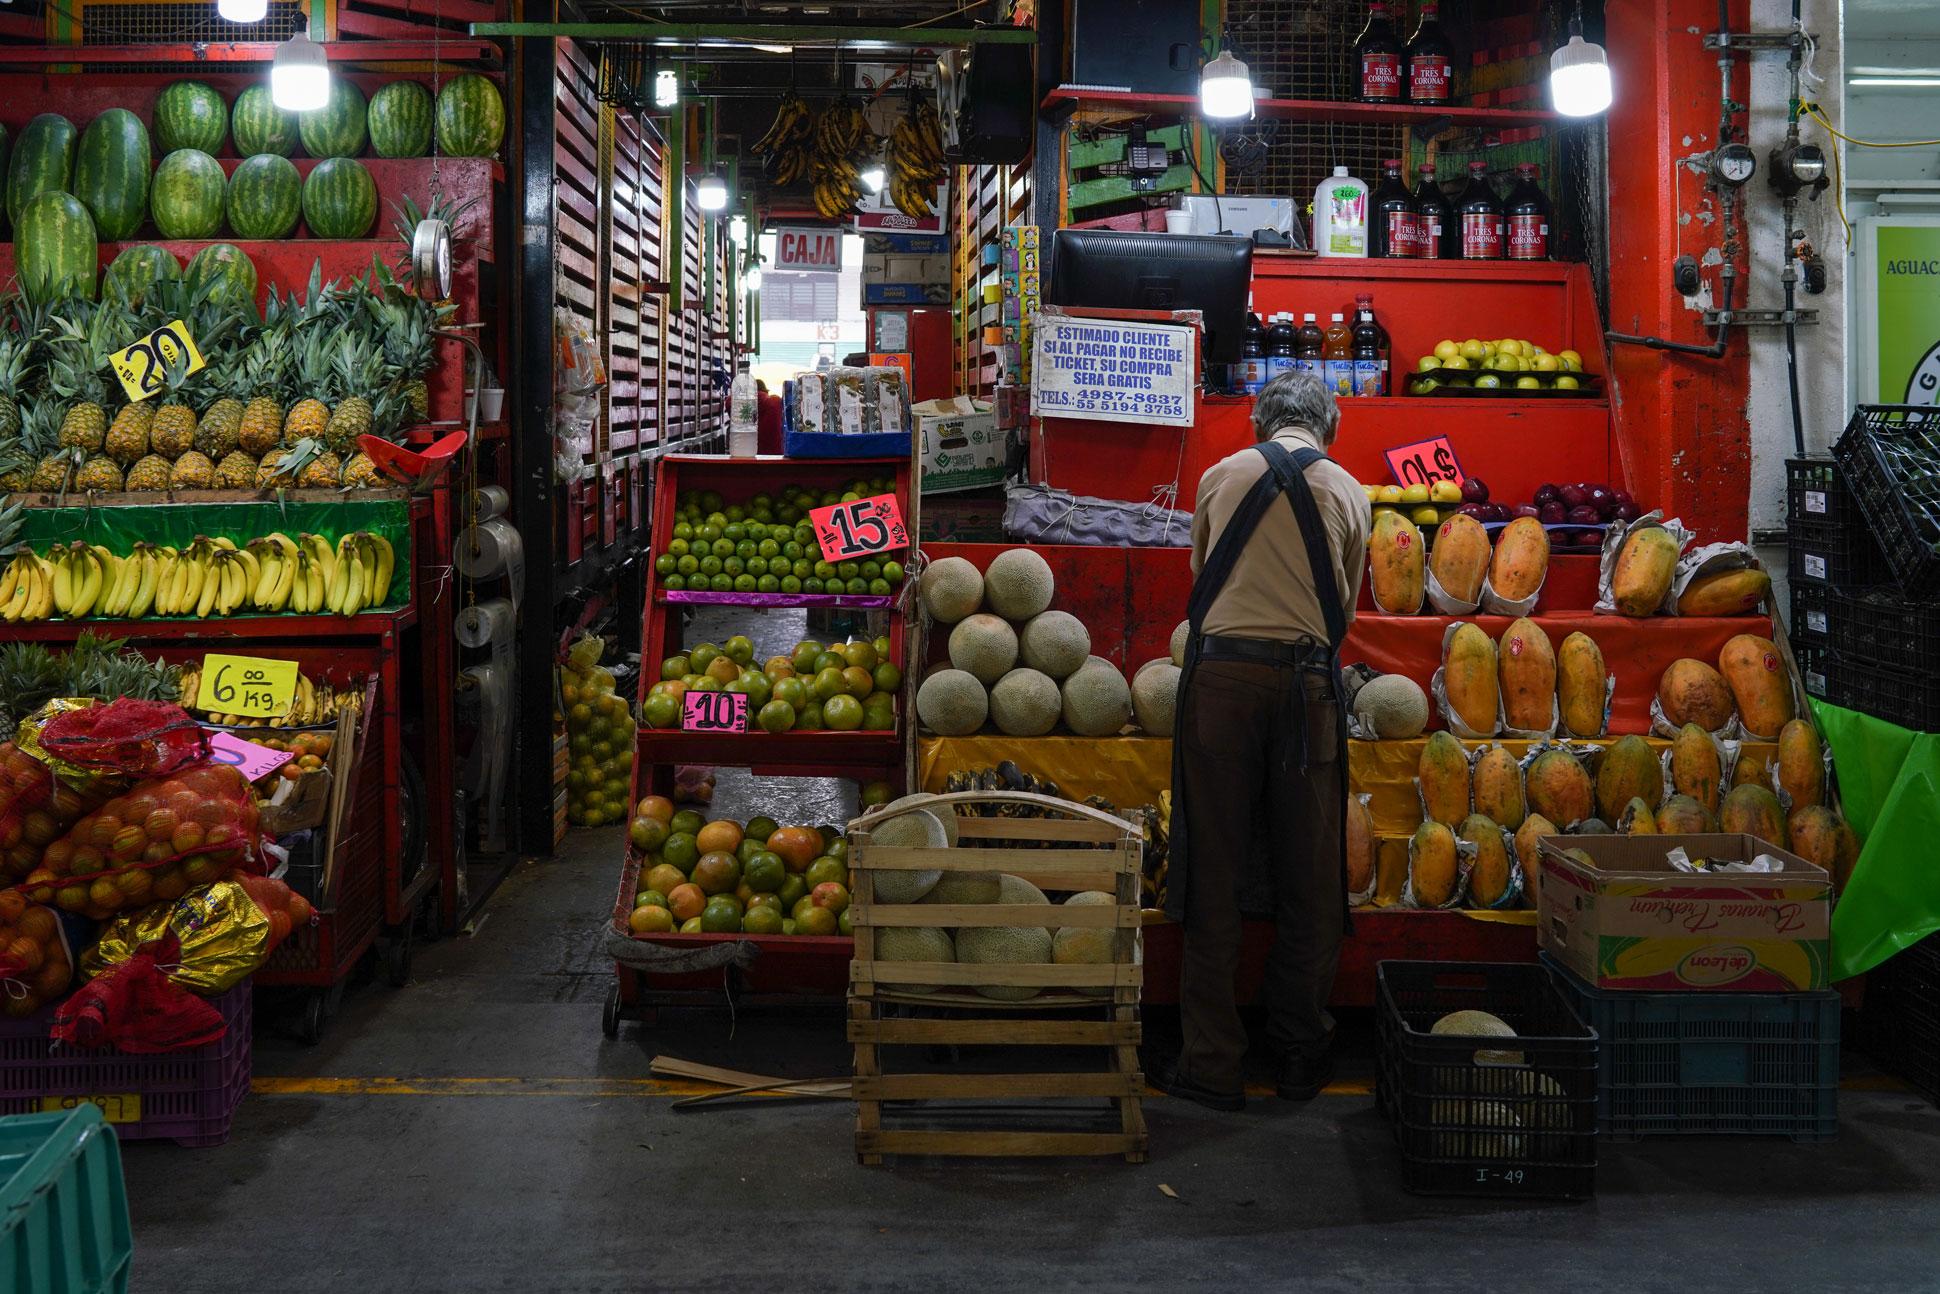 central-de-abastos-el-agujero-negro-de-los-desperdicio-de-alimentos-en-ciudad-de-mexico 12